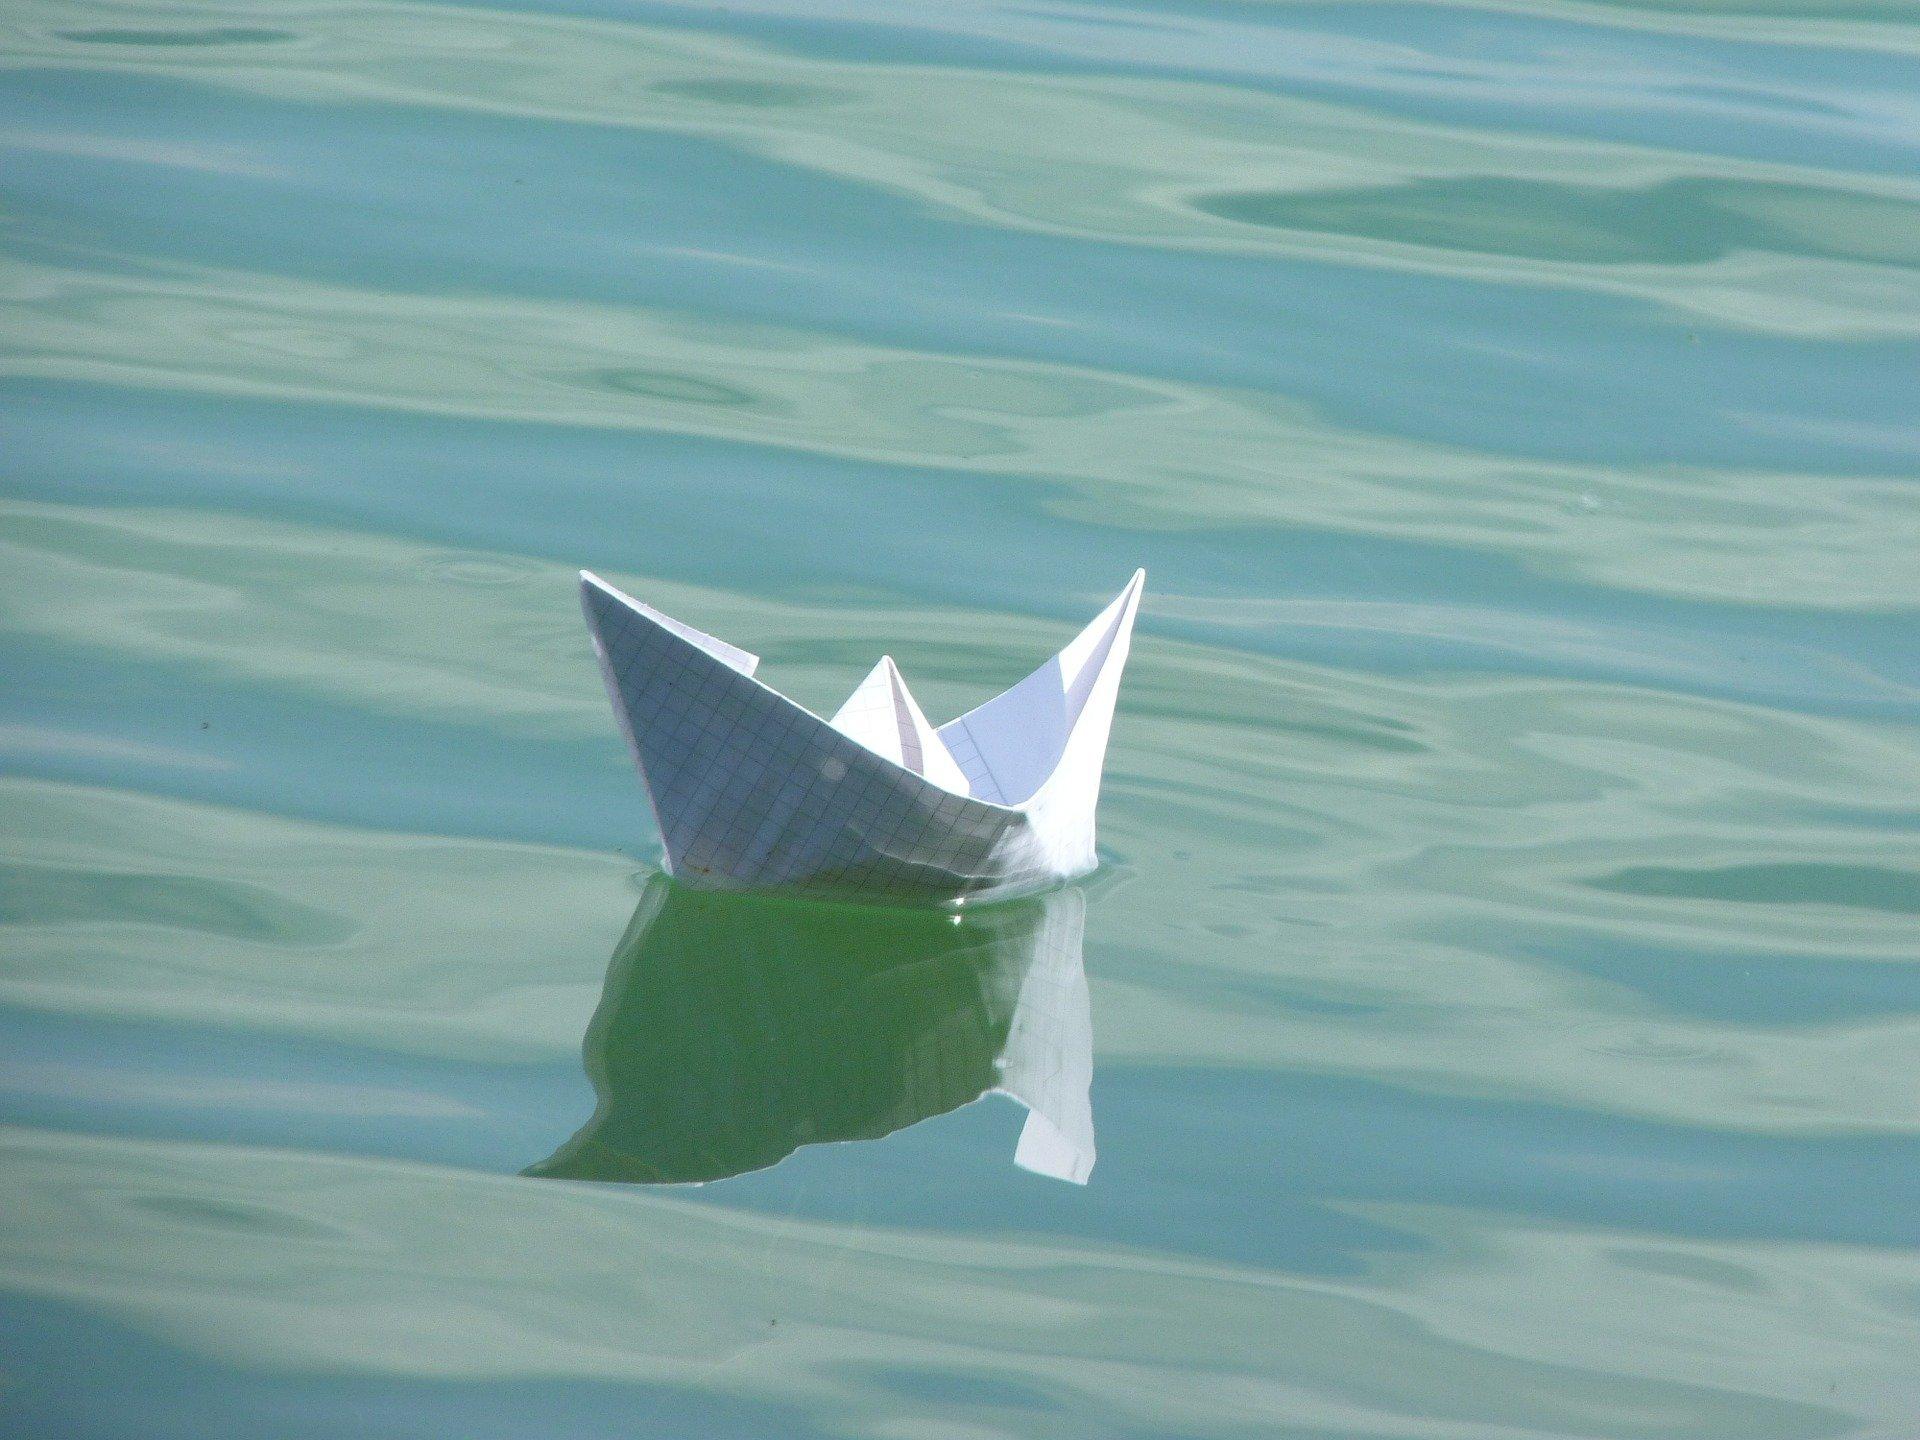 [Quimper] Il était un petit navire - Les mercredis des sciences